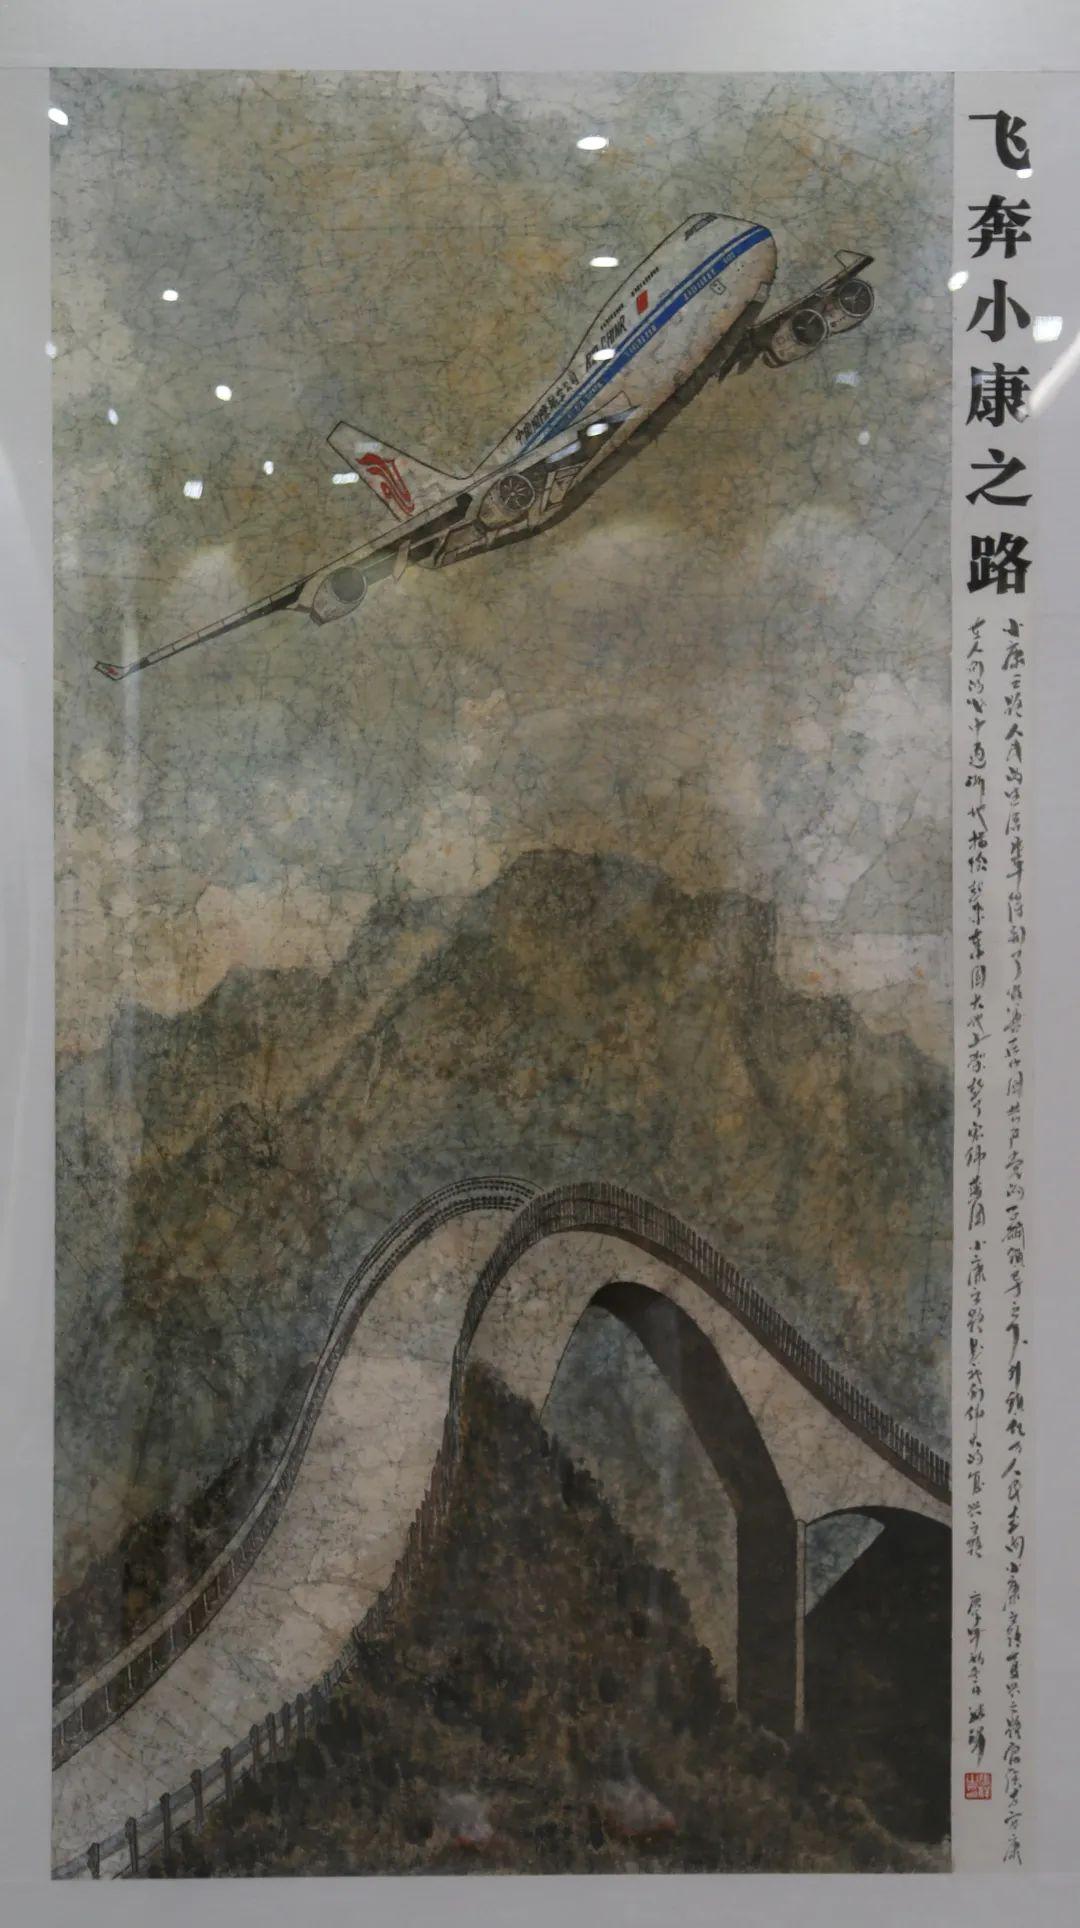 传承红色文化 携手共迎小康 苏皖两省六市书画展在蚌埠开幕(图24)